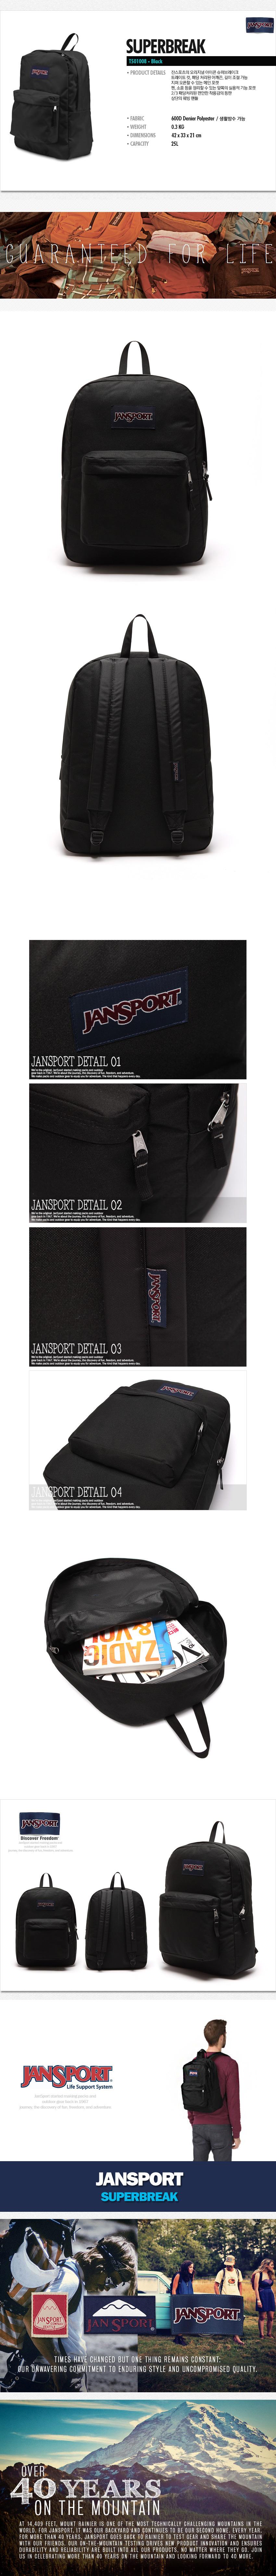 [잔스포츠]JANSPORT - 슈퍼브레이크 (T501008 - Black) 잔스포츠코리아 정품 AS가능